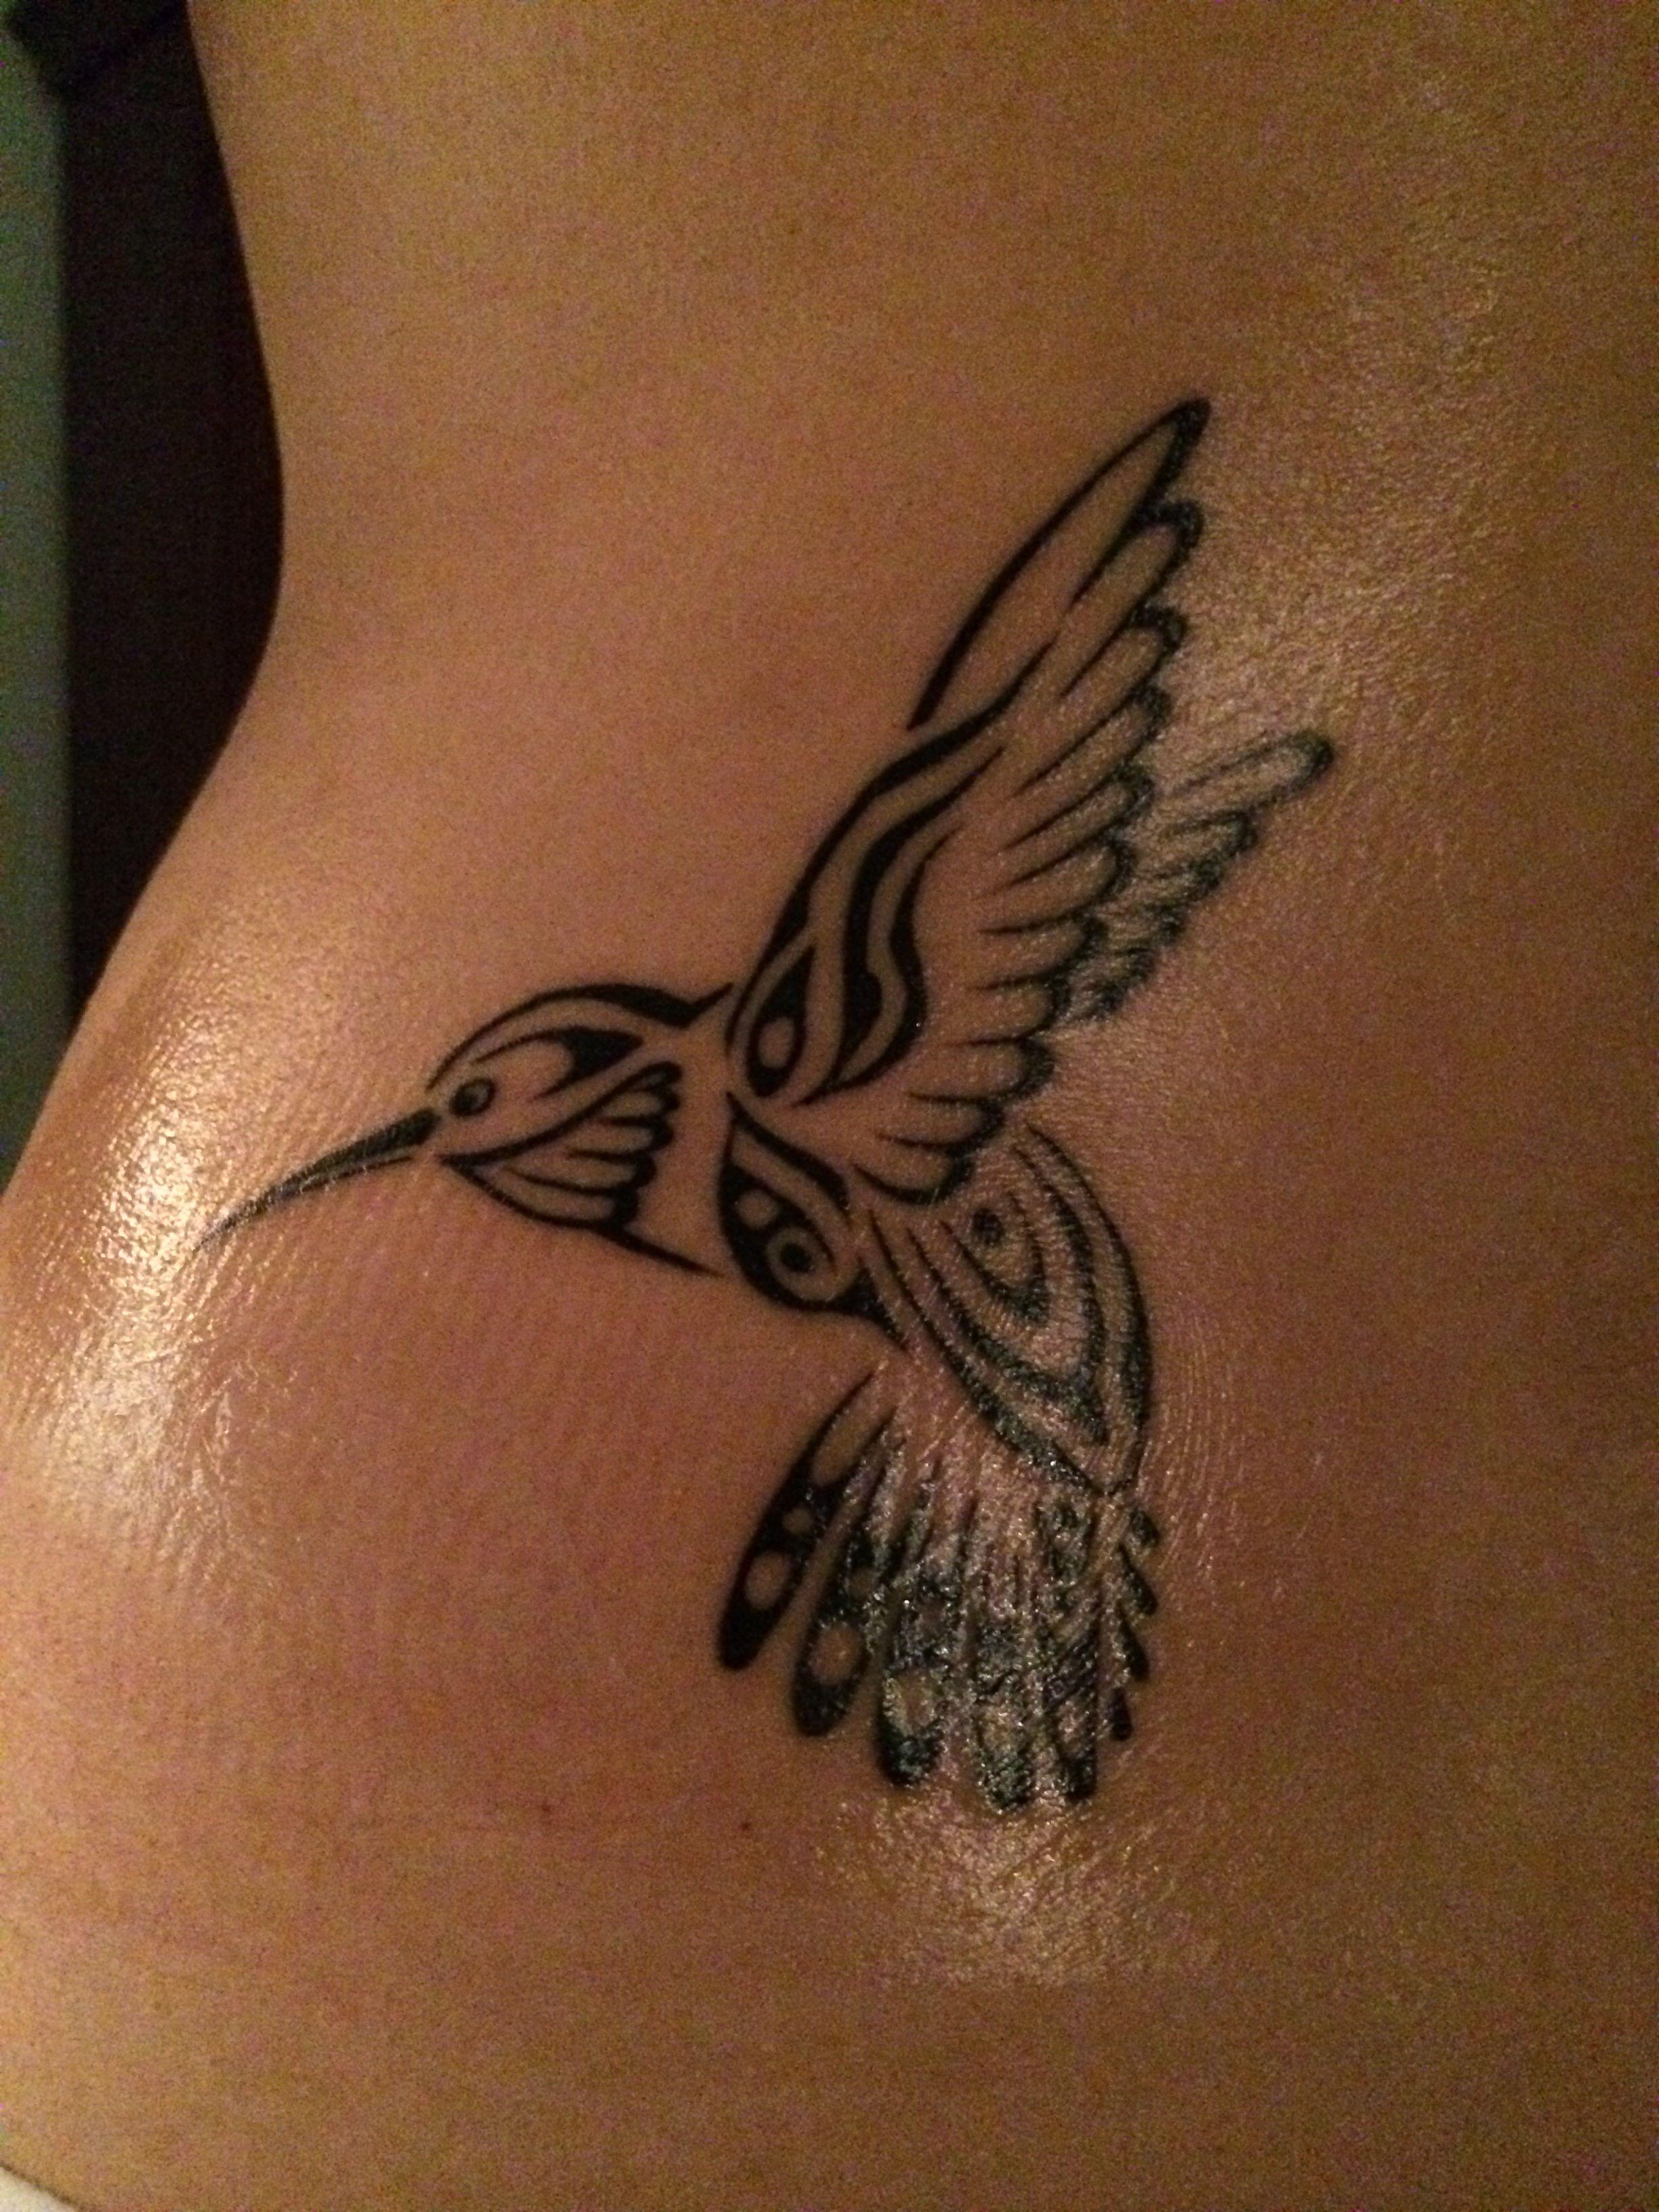 74709d866 My native hummingbird | Ink | Hummingbird tattoo, Tribal tattoos ...